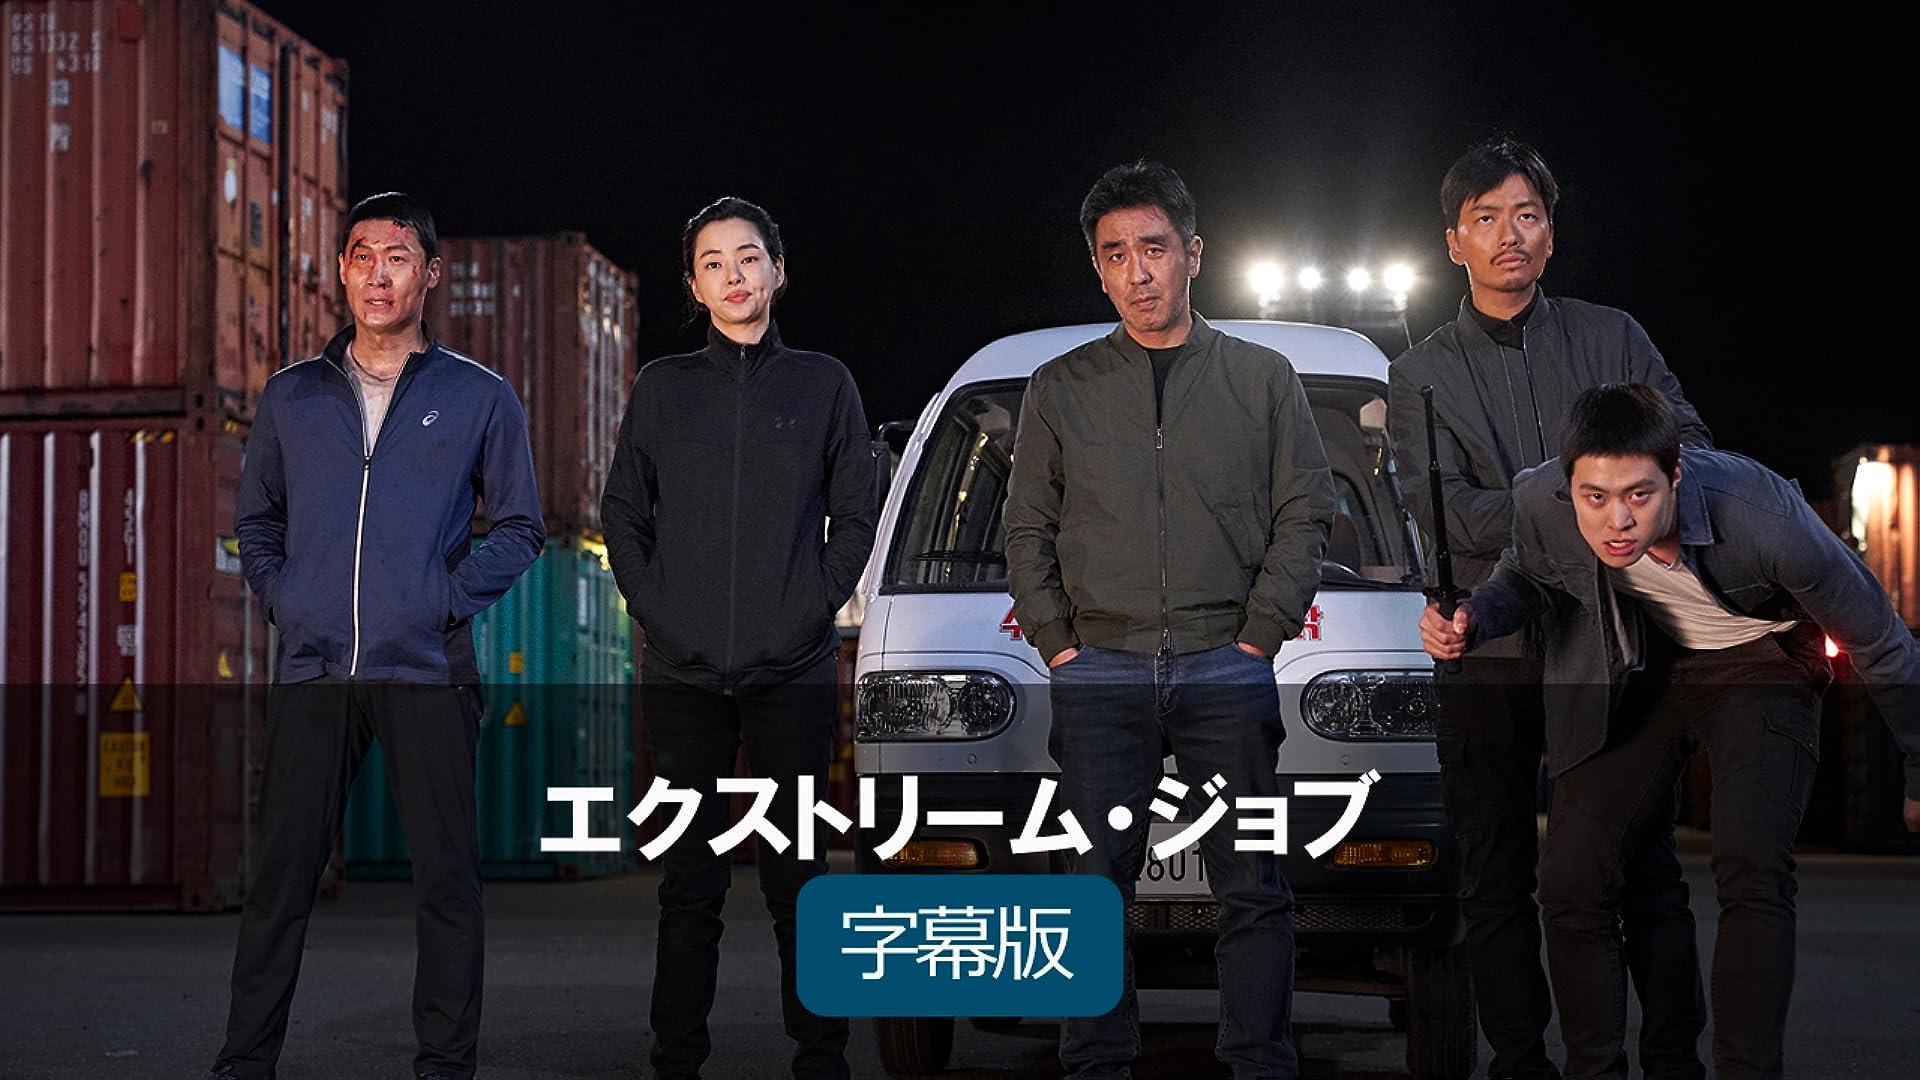 エクストリーム・ジョブ(字幕版)